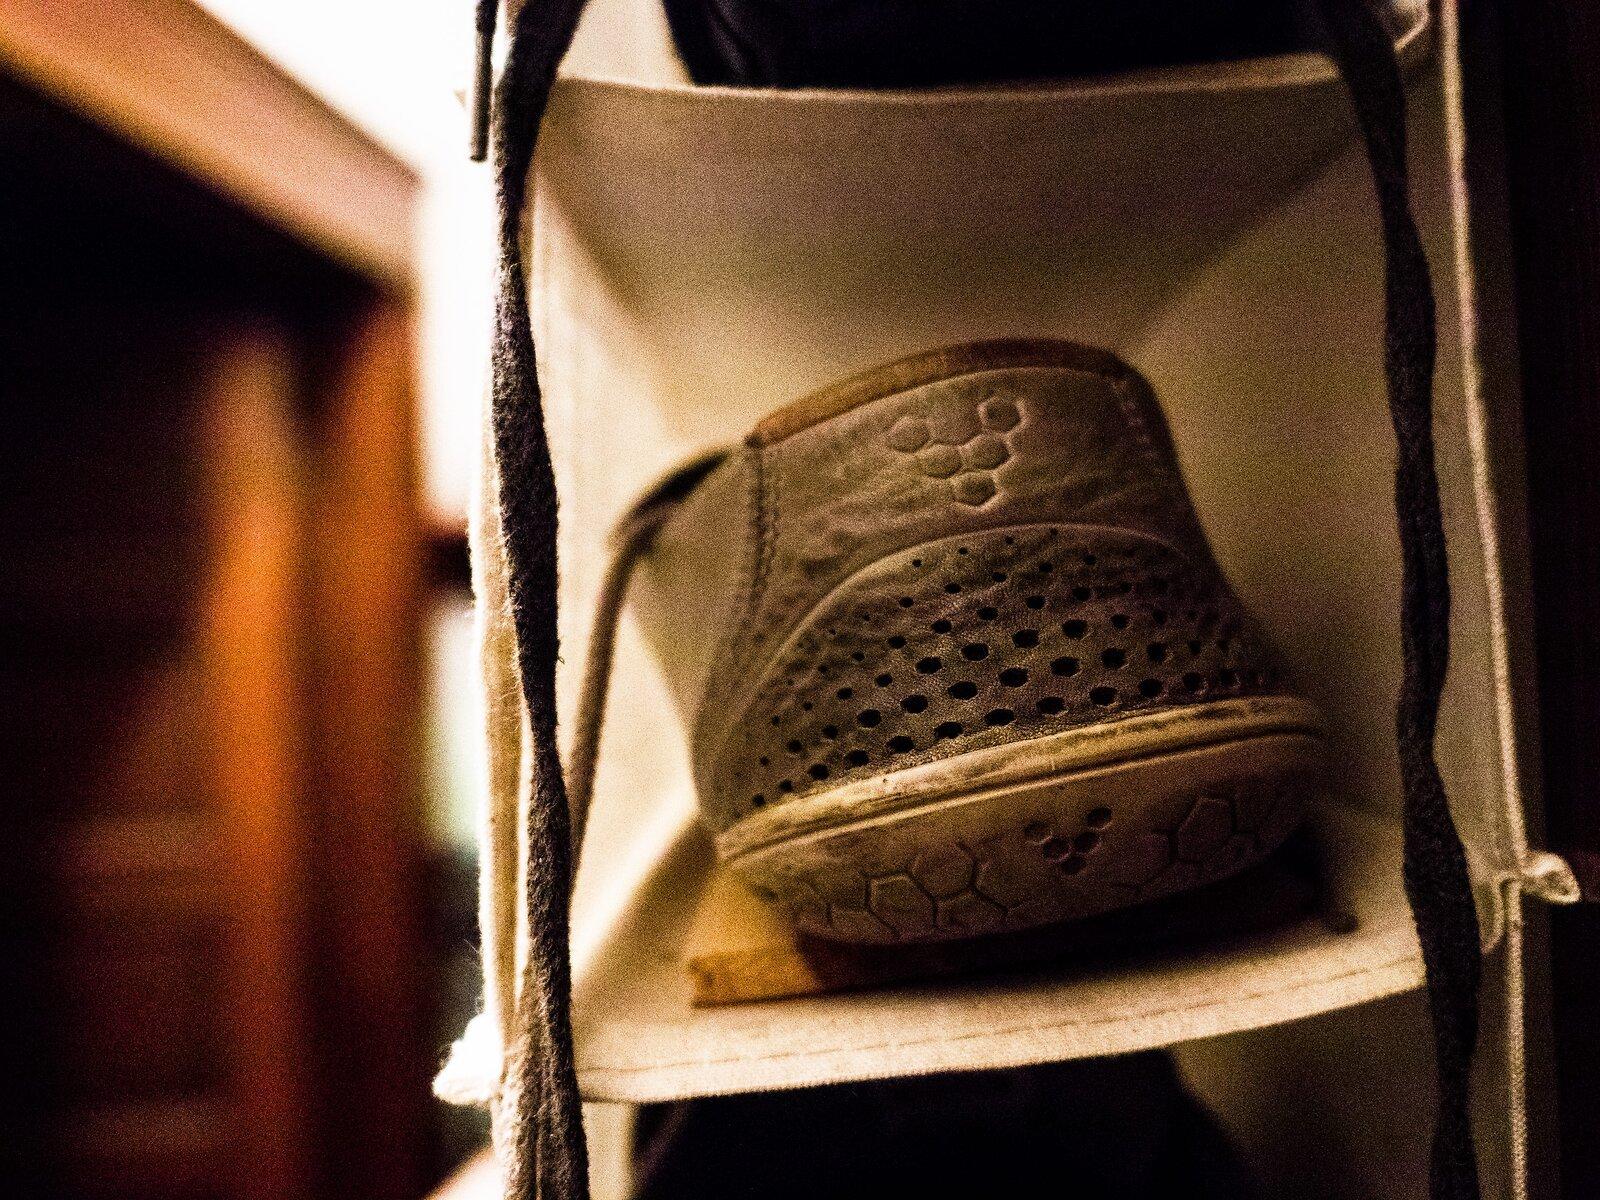 GX9_Jun15_21_Shoe.jpg